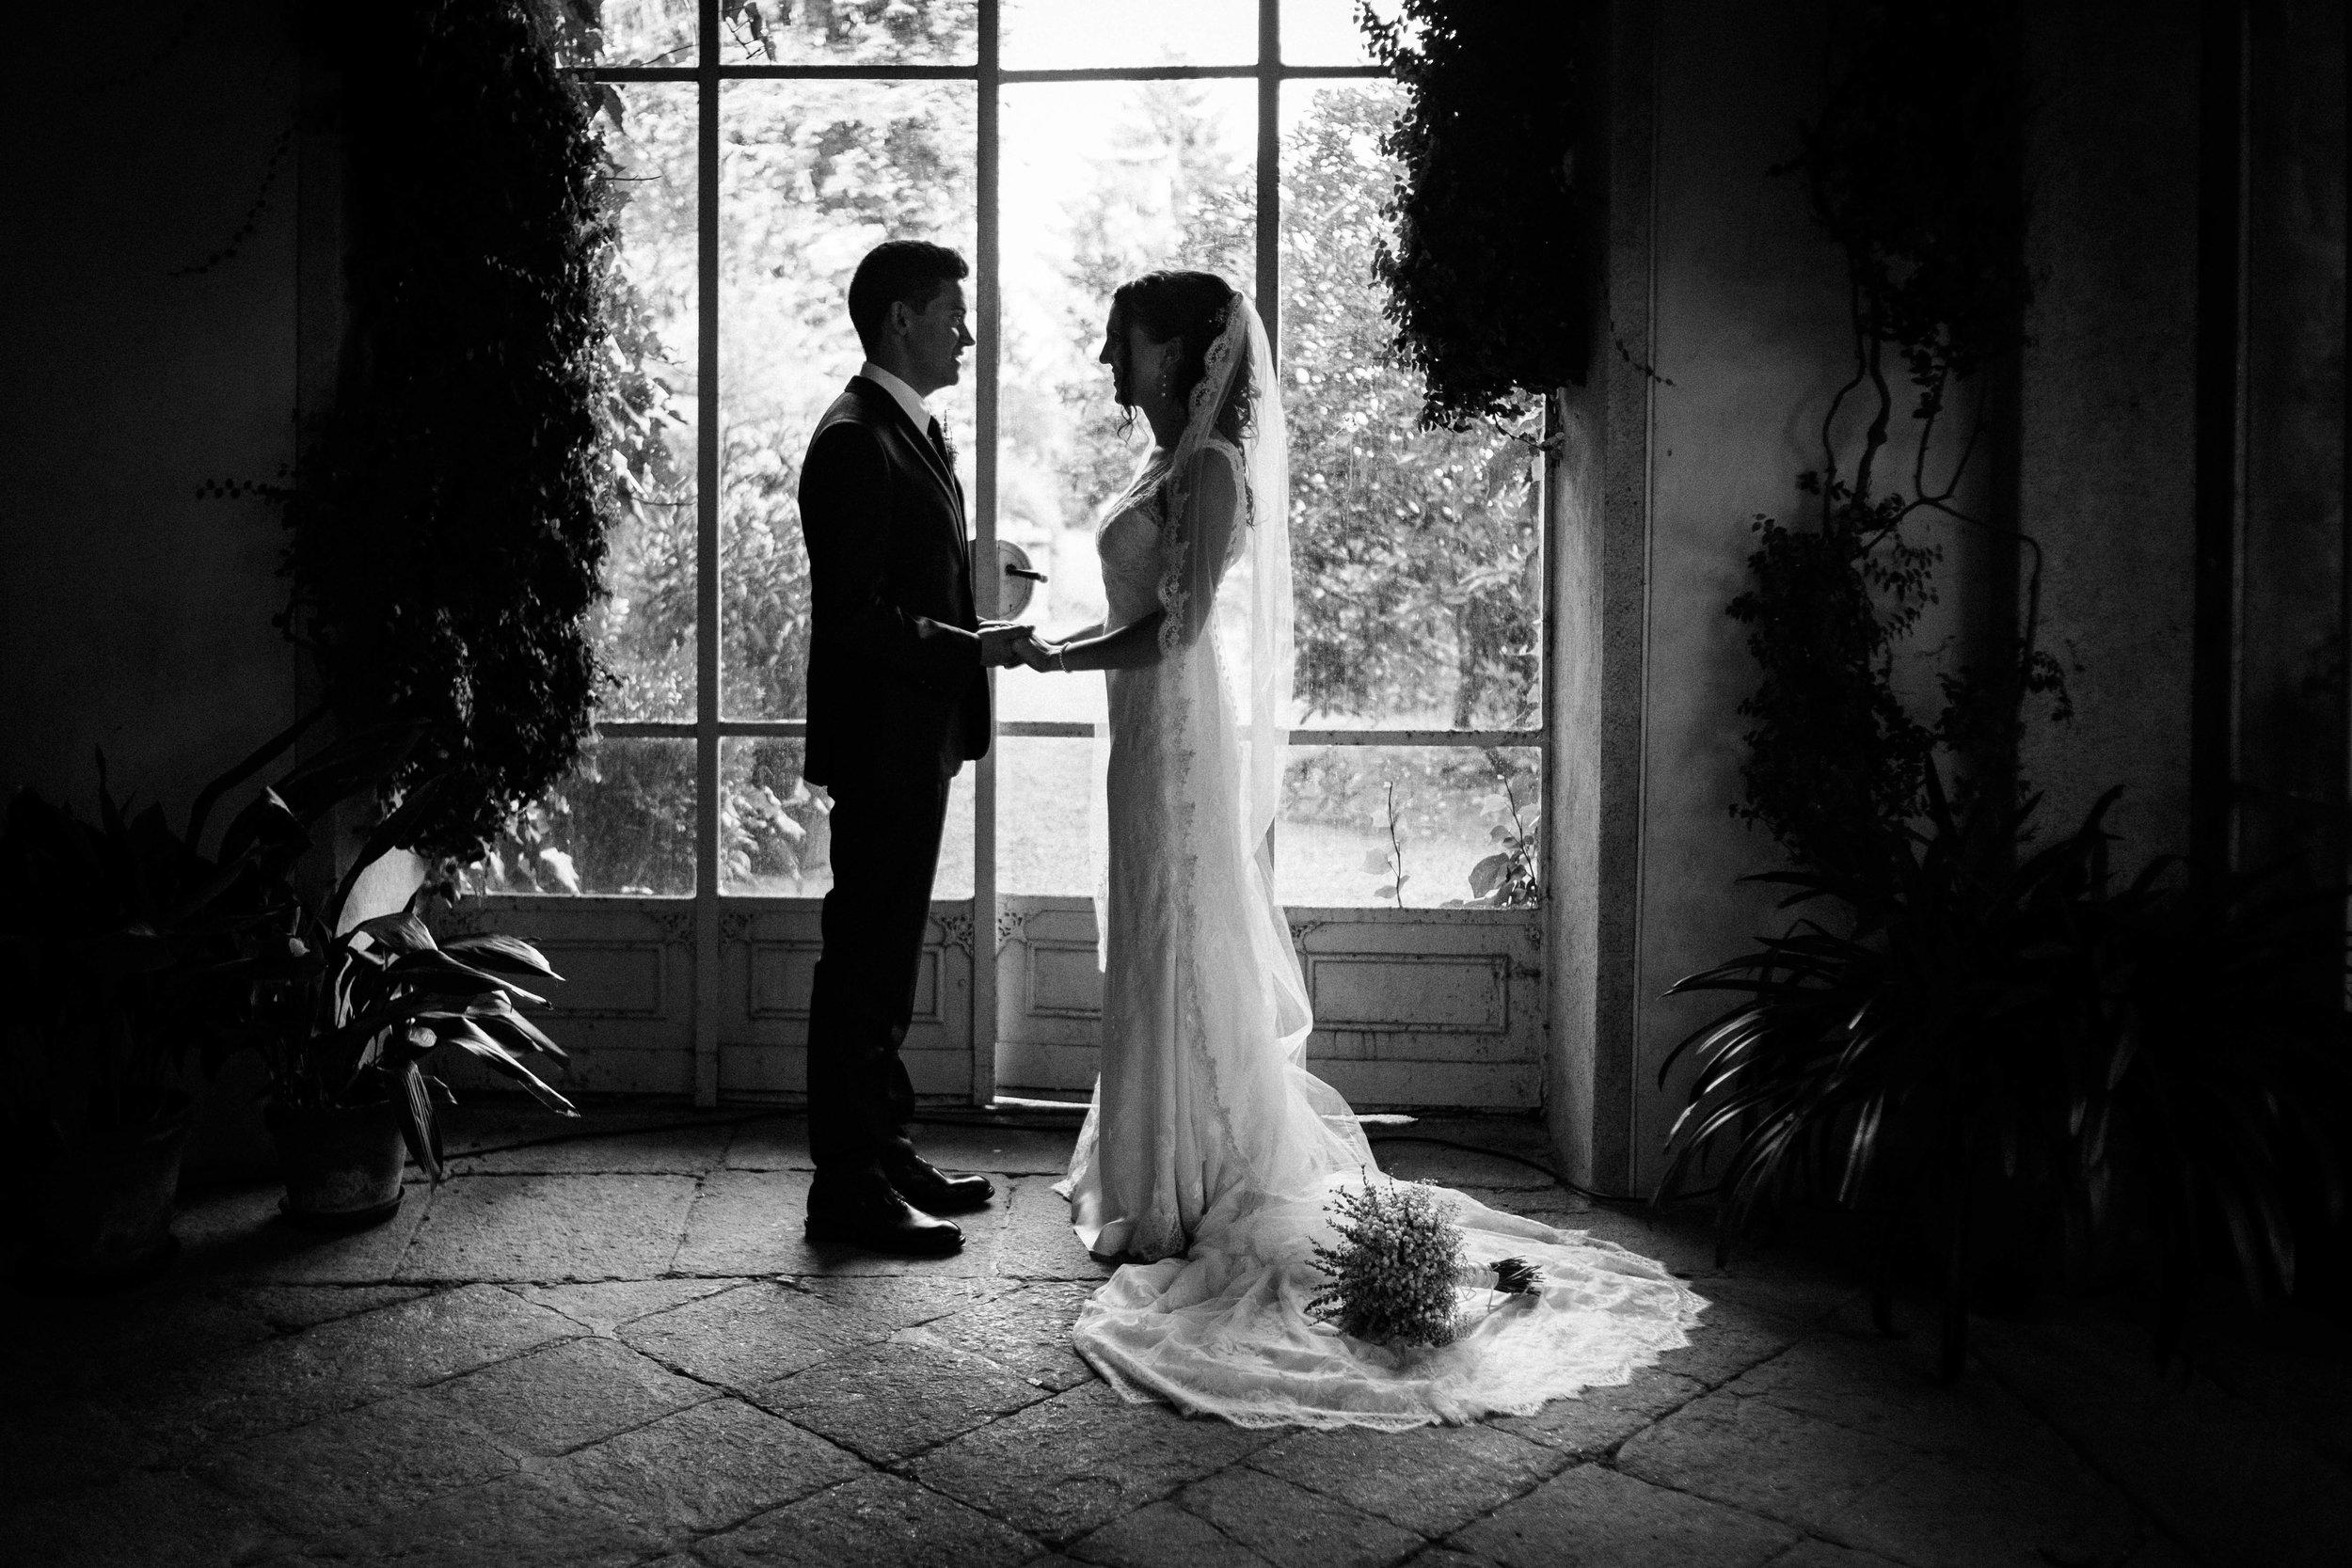 Eleonora & Jorge - Miriam è una fotografa eccezionale! Se volete essere sicuri di avere delle bellissime foto di matrimonio, Miriam è la persona giusta. Ci siamo affidati a lei sia per il fidanzamento che per il matrimonio, e siamo molto contenti del lavoro che ha fatto. Abbiamo potuto goderci la giornata sapendo che sarebbe stata presente in tutti i momenti del matrimonio e quando abbiamo ricevuto le foto abbiamo notato che lo era anche quando non ce ne rendevamo conto. Le foto sono belle, romantiche, un misto tra quelle in posa classiche e quelle spontanee... molto professionale, sempre pronta ad ascoltare i nostri desideri e personalizzare il lavoro. Siamo molto felici della nostra esperienza e raccomandiamo Miriam a tutti i futuri sposi!